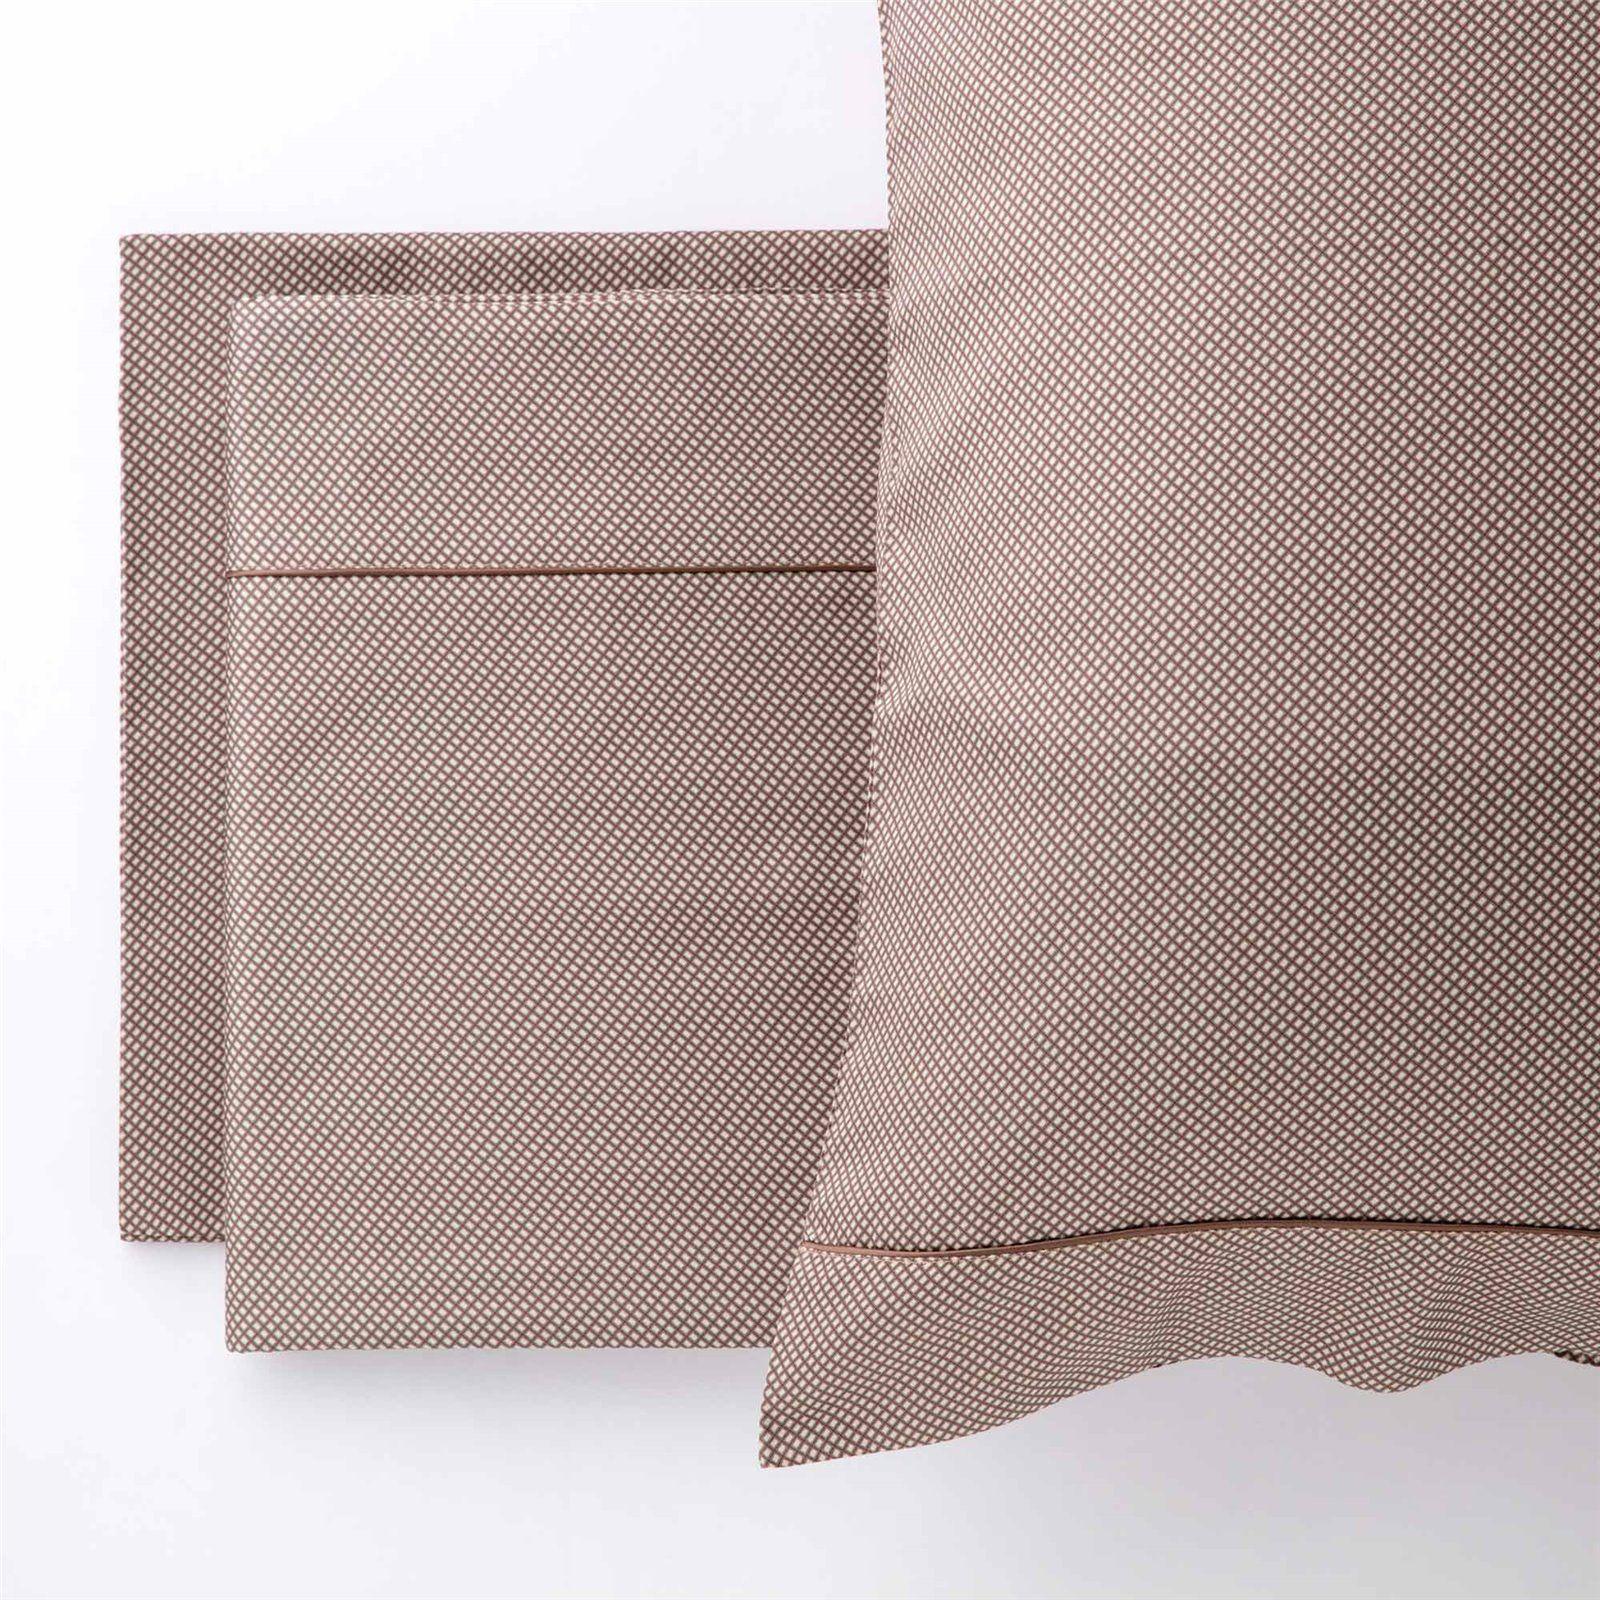 Completo letto satin Tie